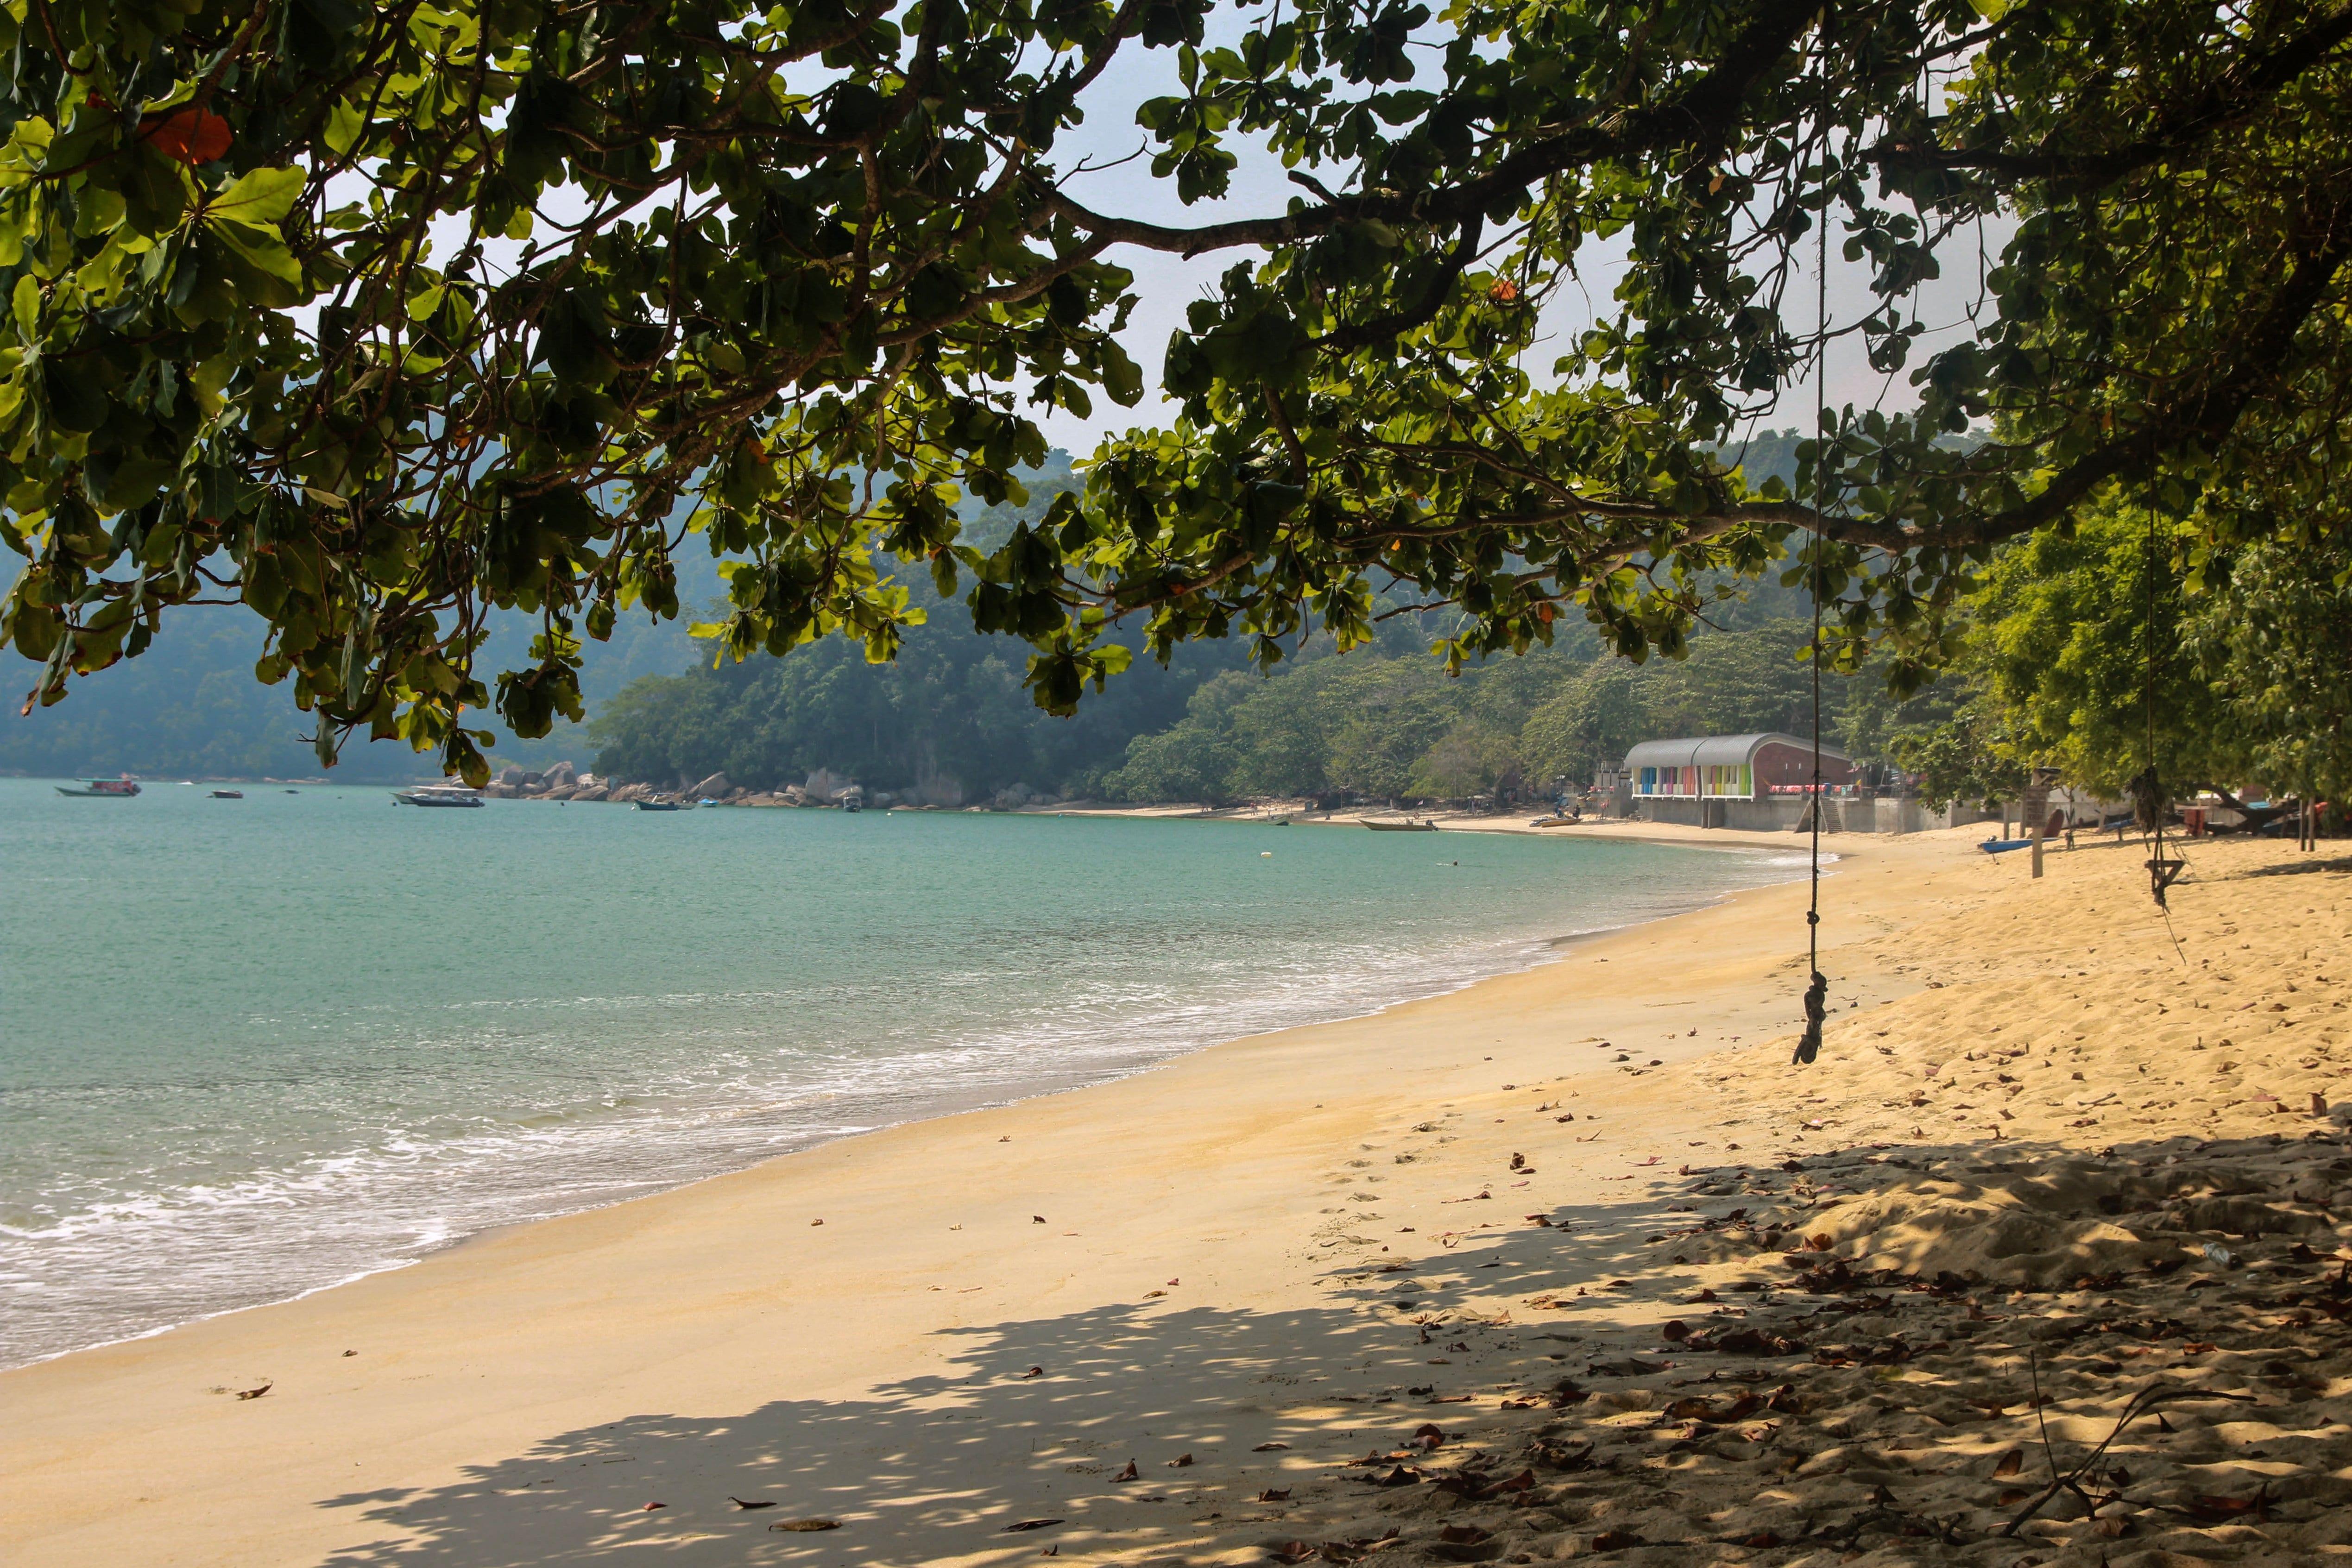 Pangkor eiland   De verborgen schat van Maleisië